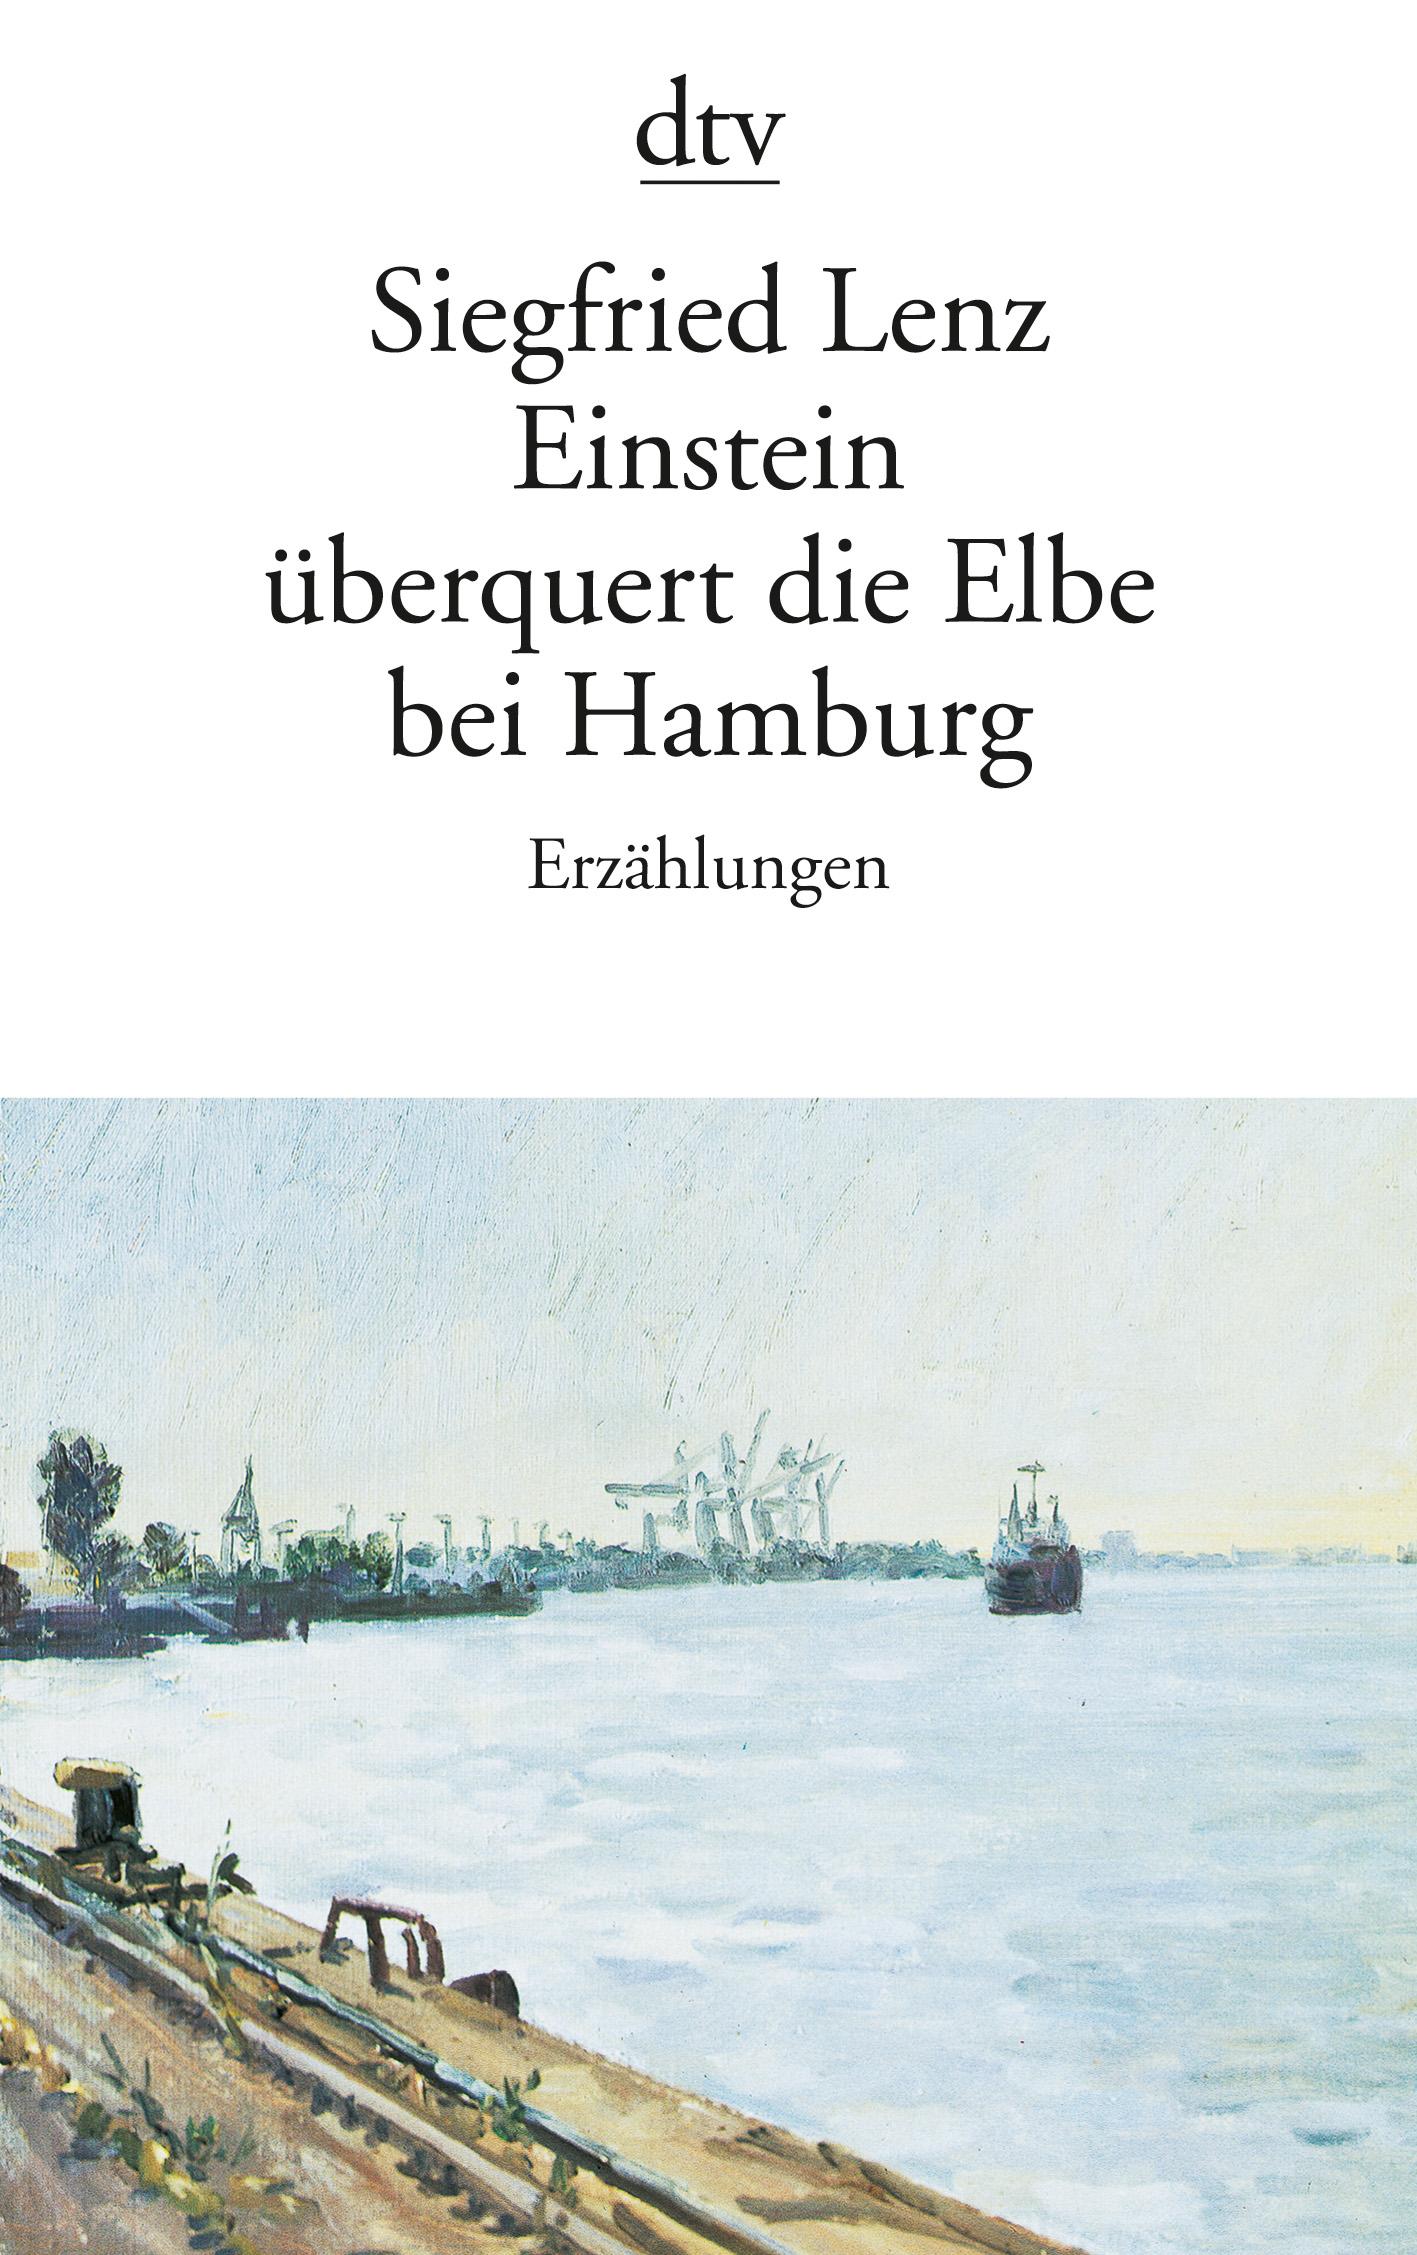 Einstein überquert die Elbe bei Hamburg